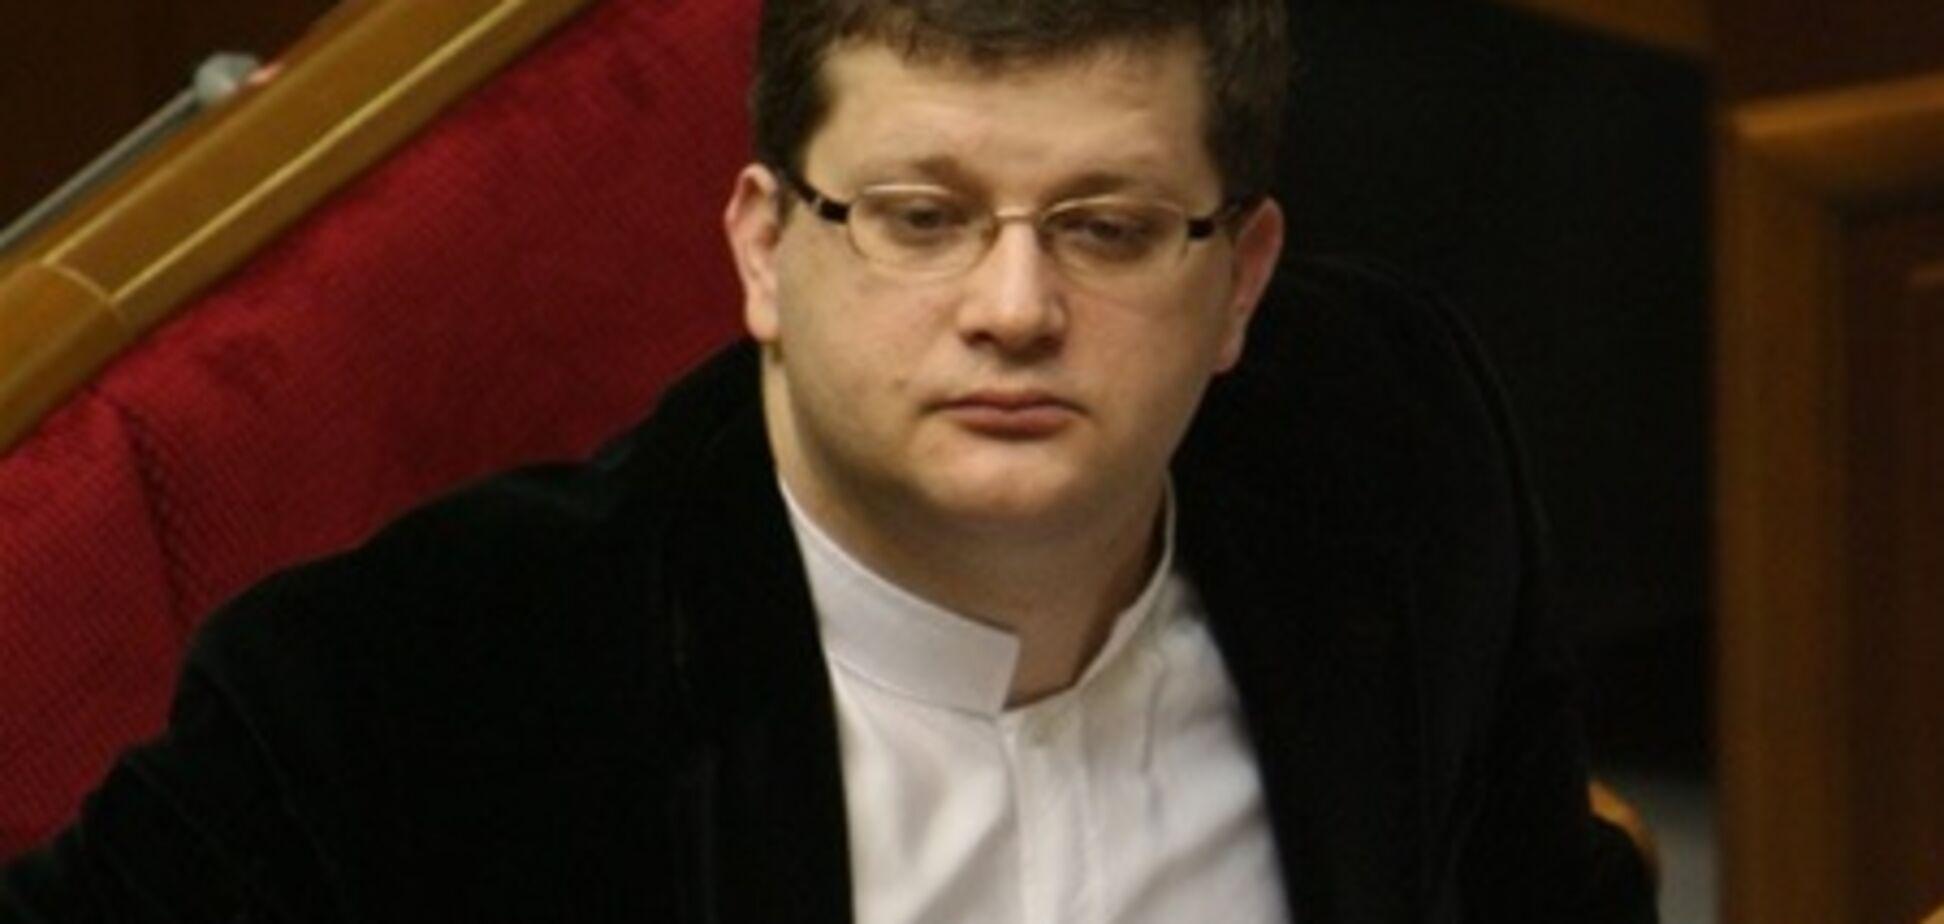 Українців США просили не влаштовувати протести Януковичу - Ар'єв